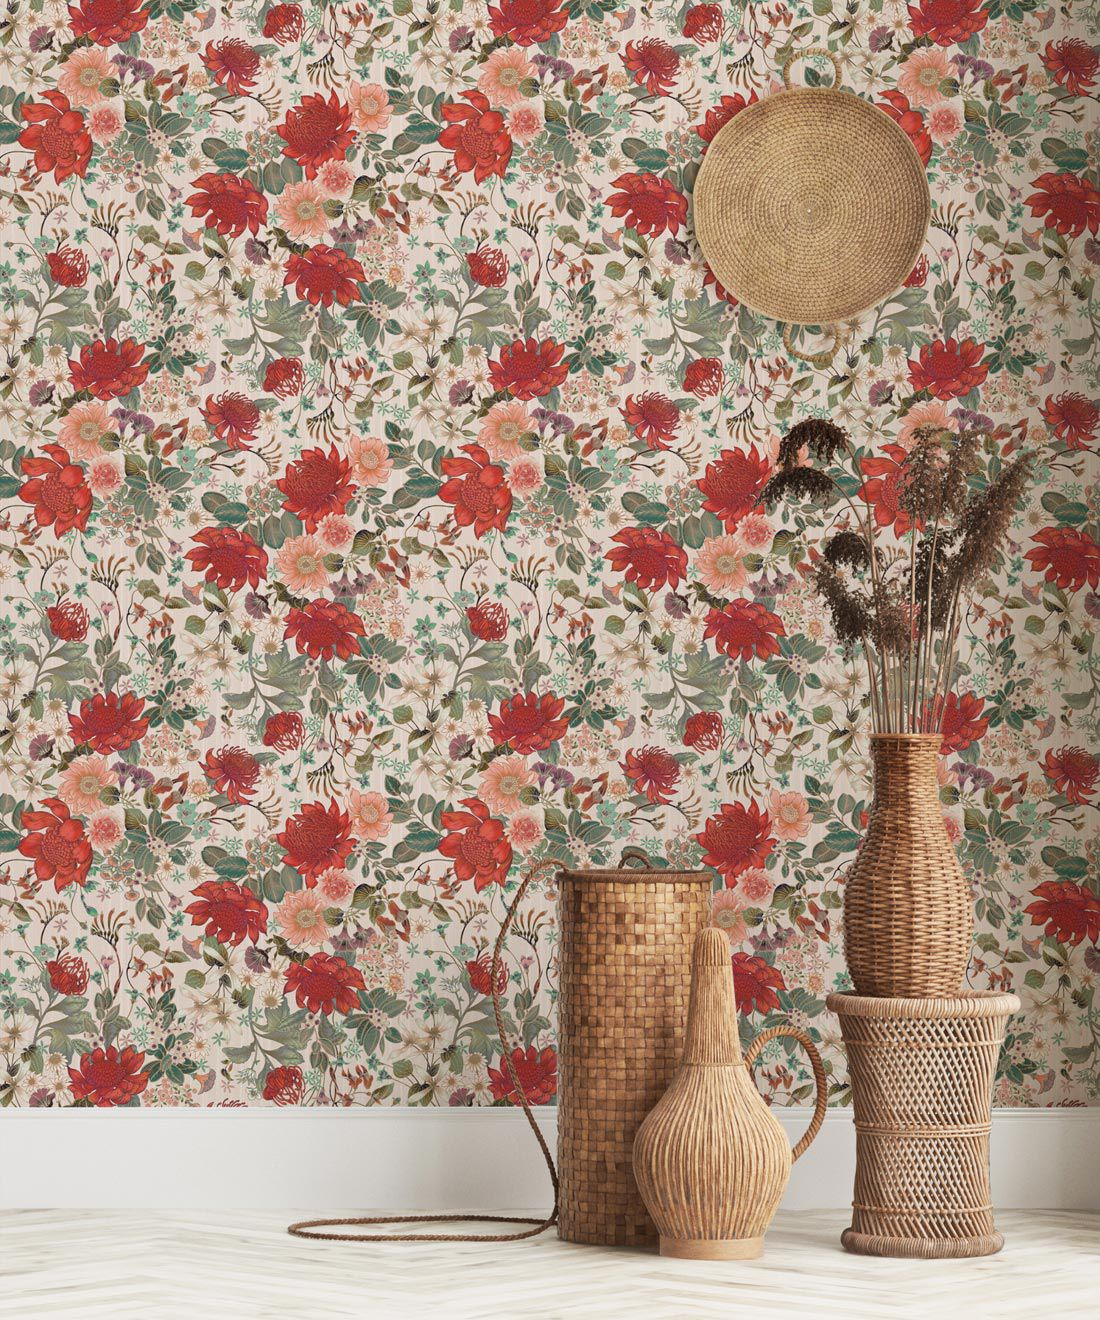 Bouquet Wallpaper • Eloise Short • Vintage Floral Wallpaper •Granny Chic Wallpaper • Grandmillennial Style Wallpaper •Alabaster •Insitu